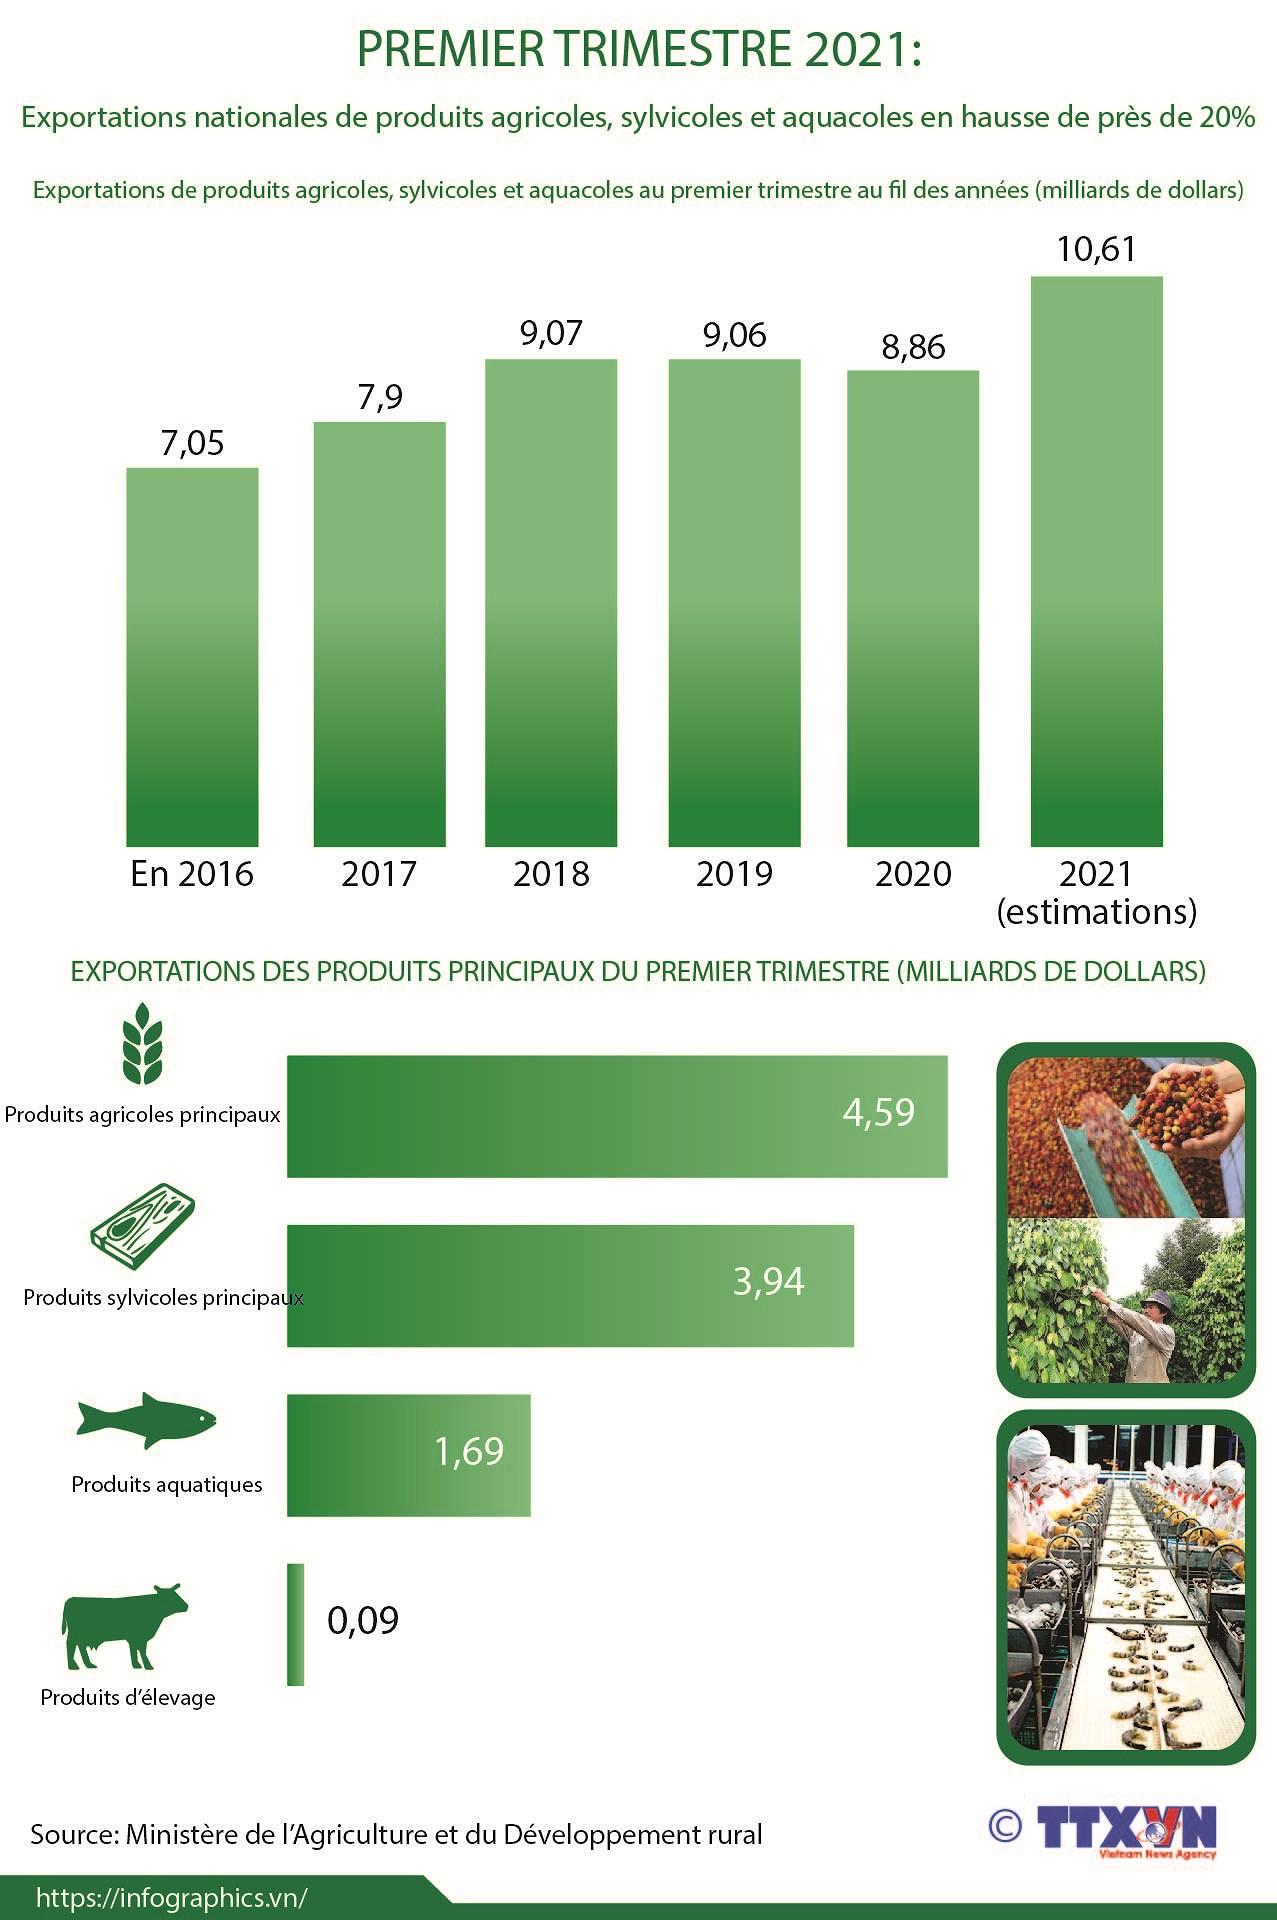 Exportations de produits agricoles, sylvicoles et aquacoles en hausse de 20% au 1er trimestre hinh anh 1